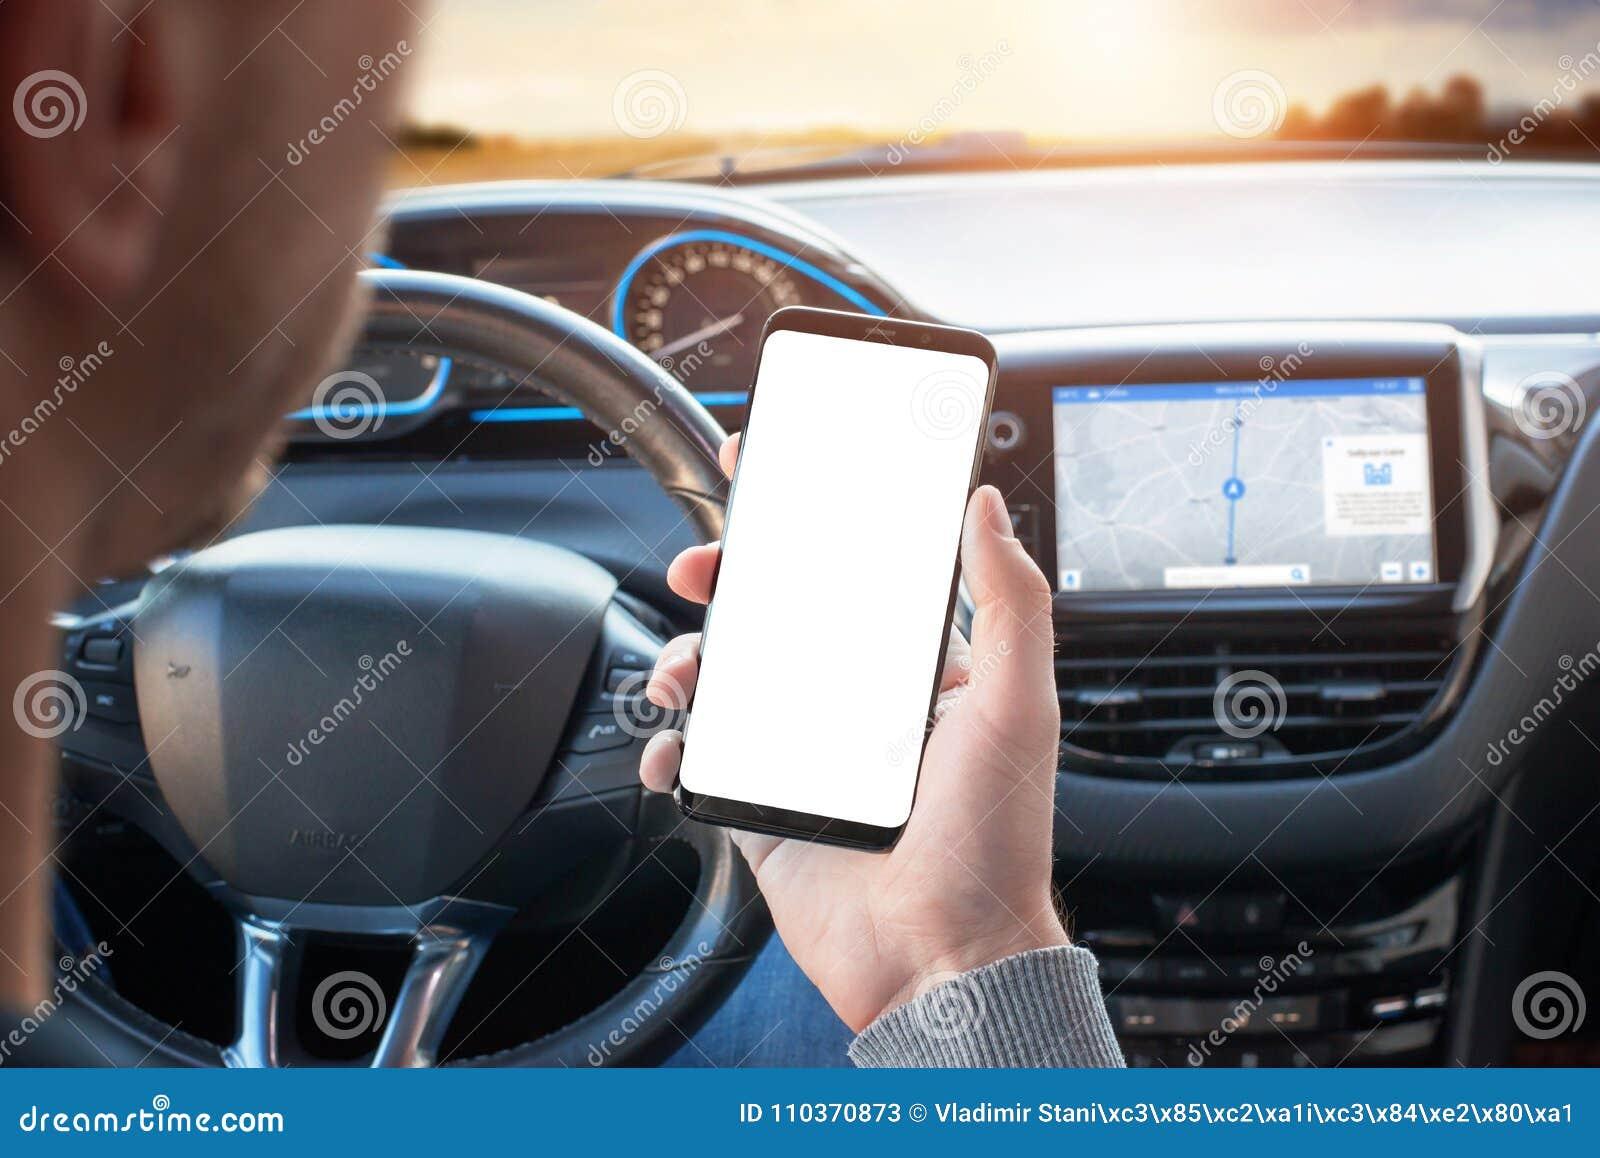 O motorista usa o telefone ao conduzir Telefone esperto moderno com bordas redondas